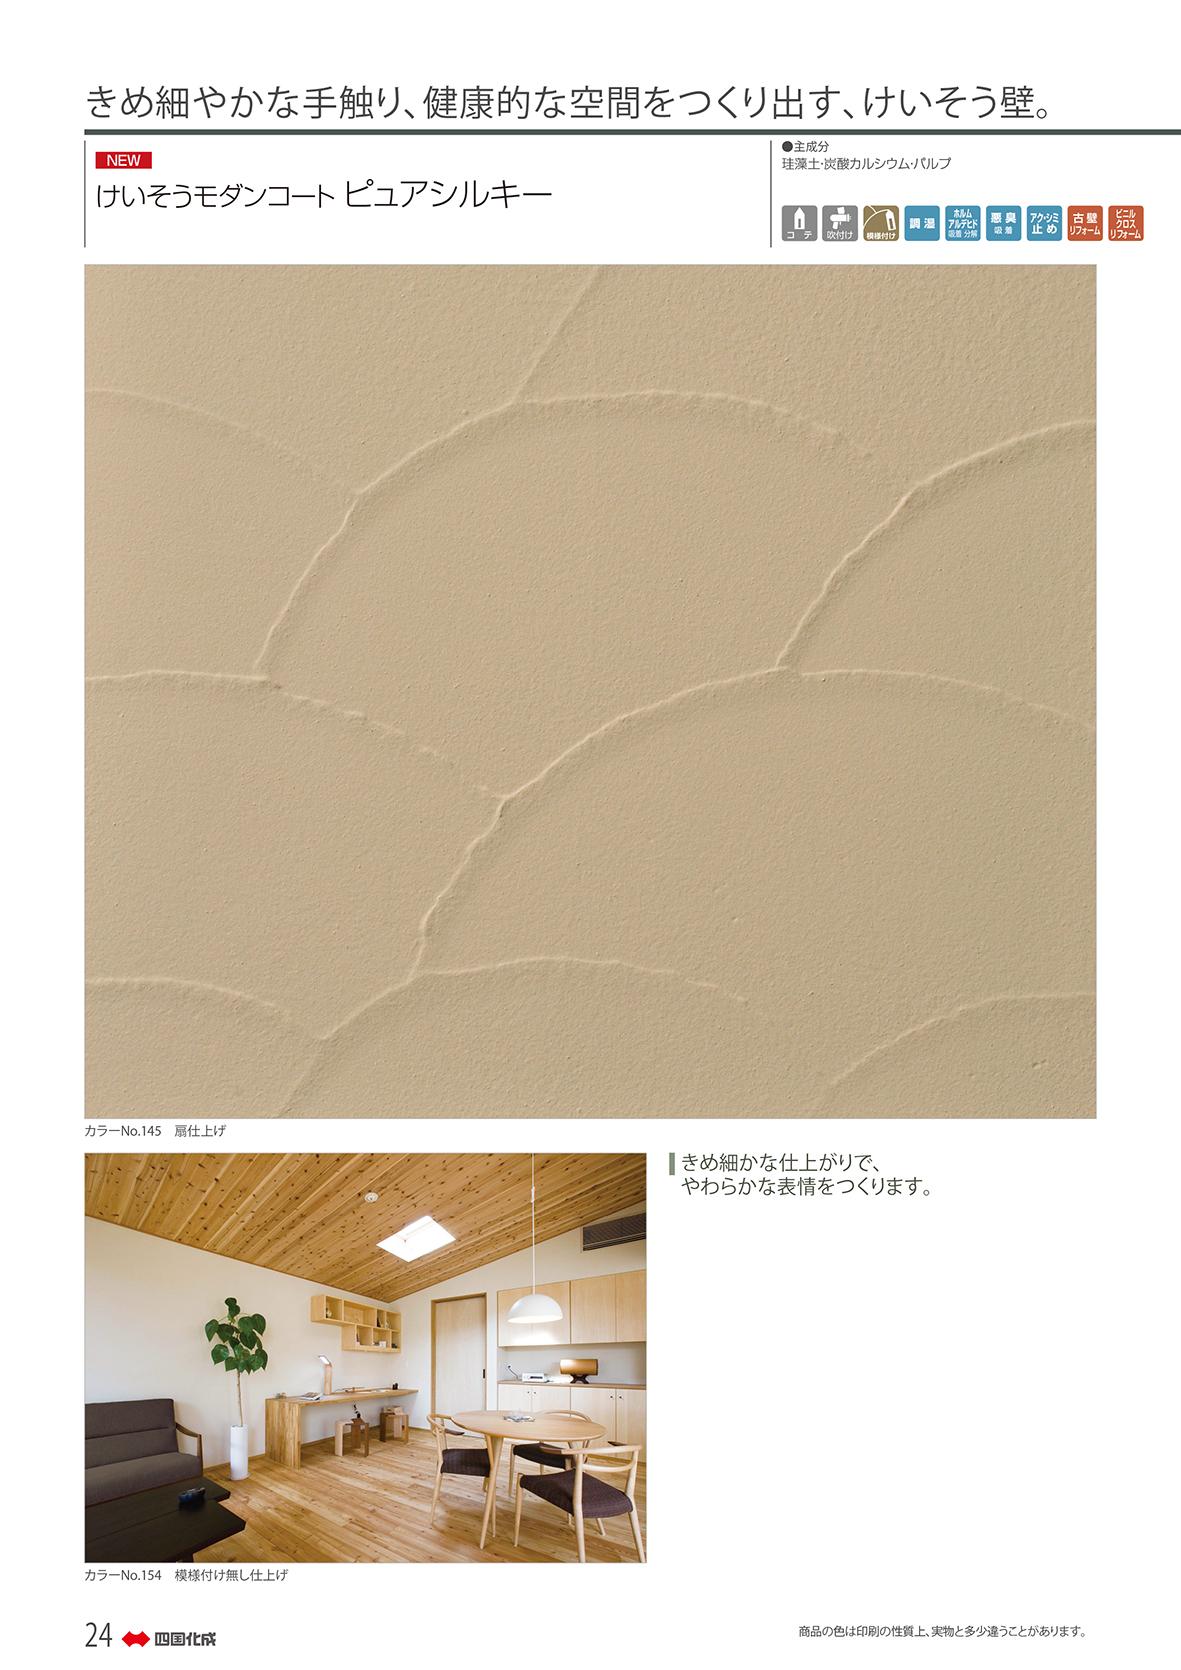 四国化成工業株式会社のスライドイメージ5枚目